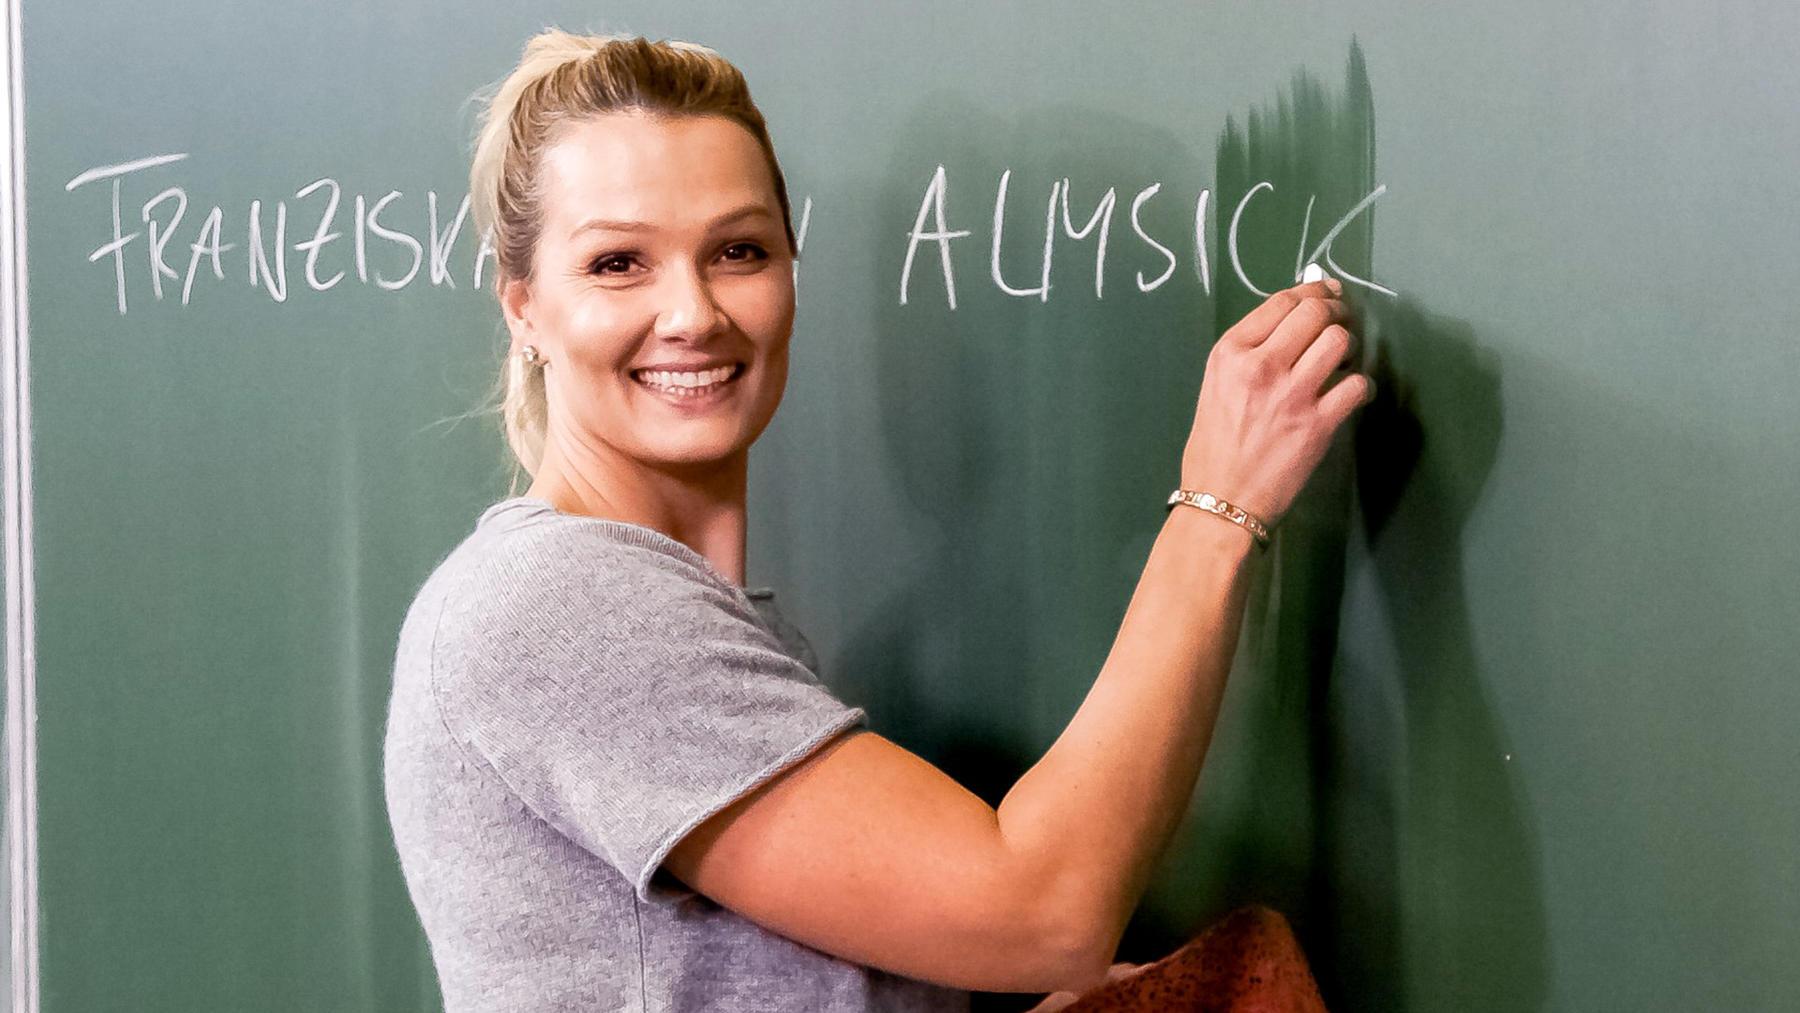 Die Vertretungslehrerin - mit Franziska van Almsick | Folge 5